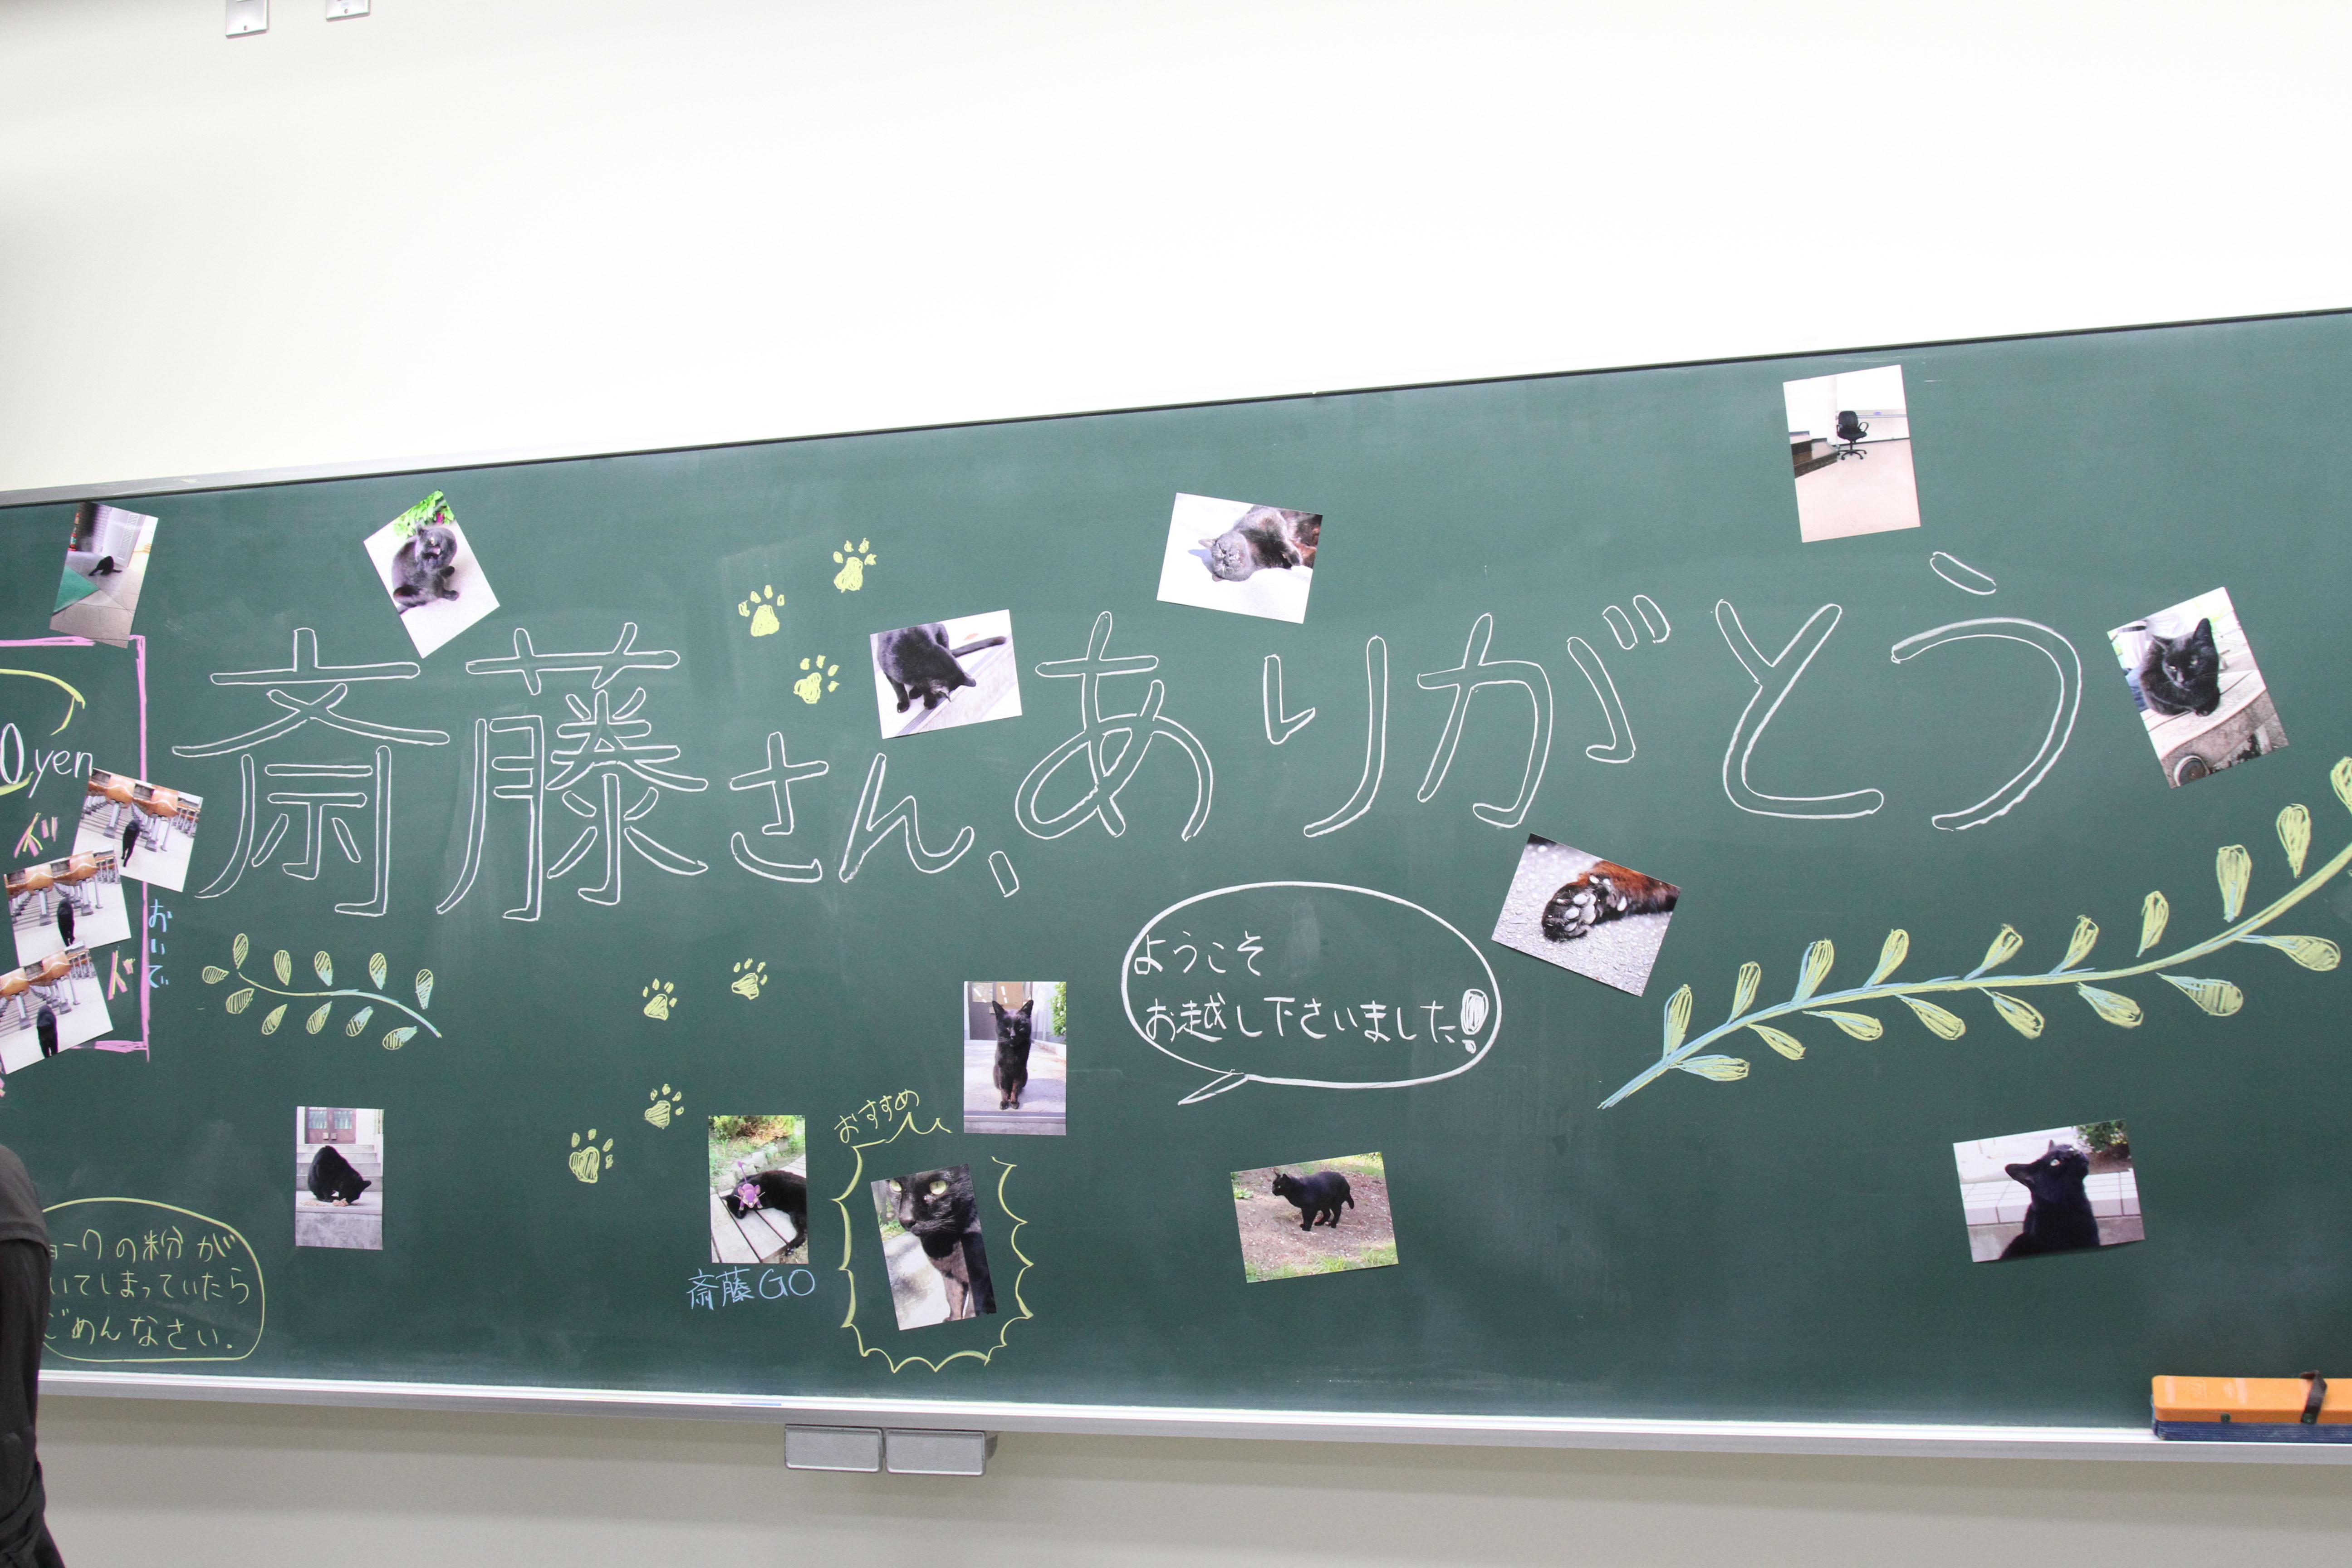 調査隊のメンバーが書いたコメントとともに展示される写真(撮影=児玉七海)